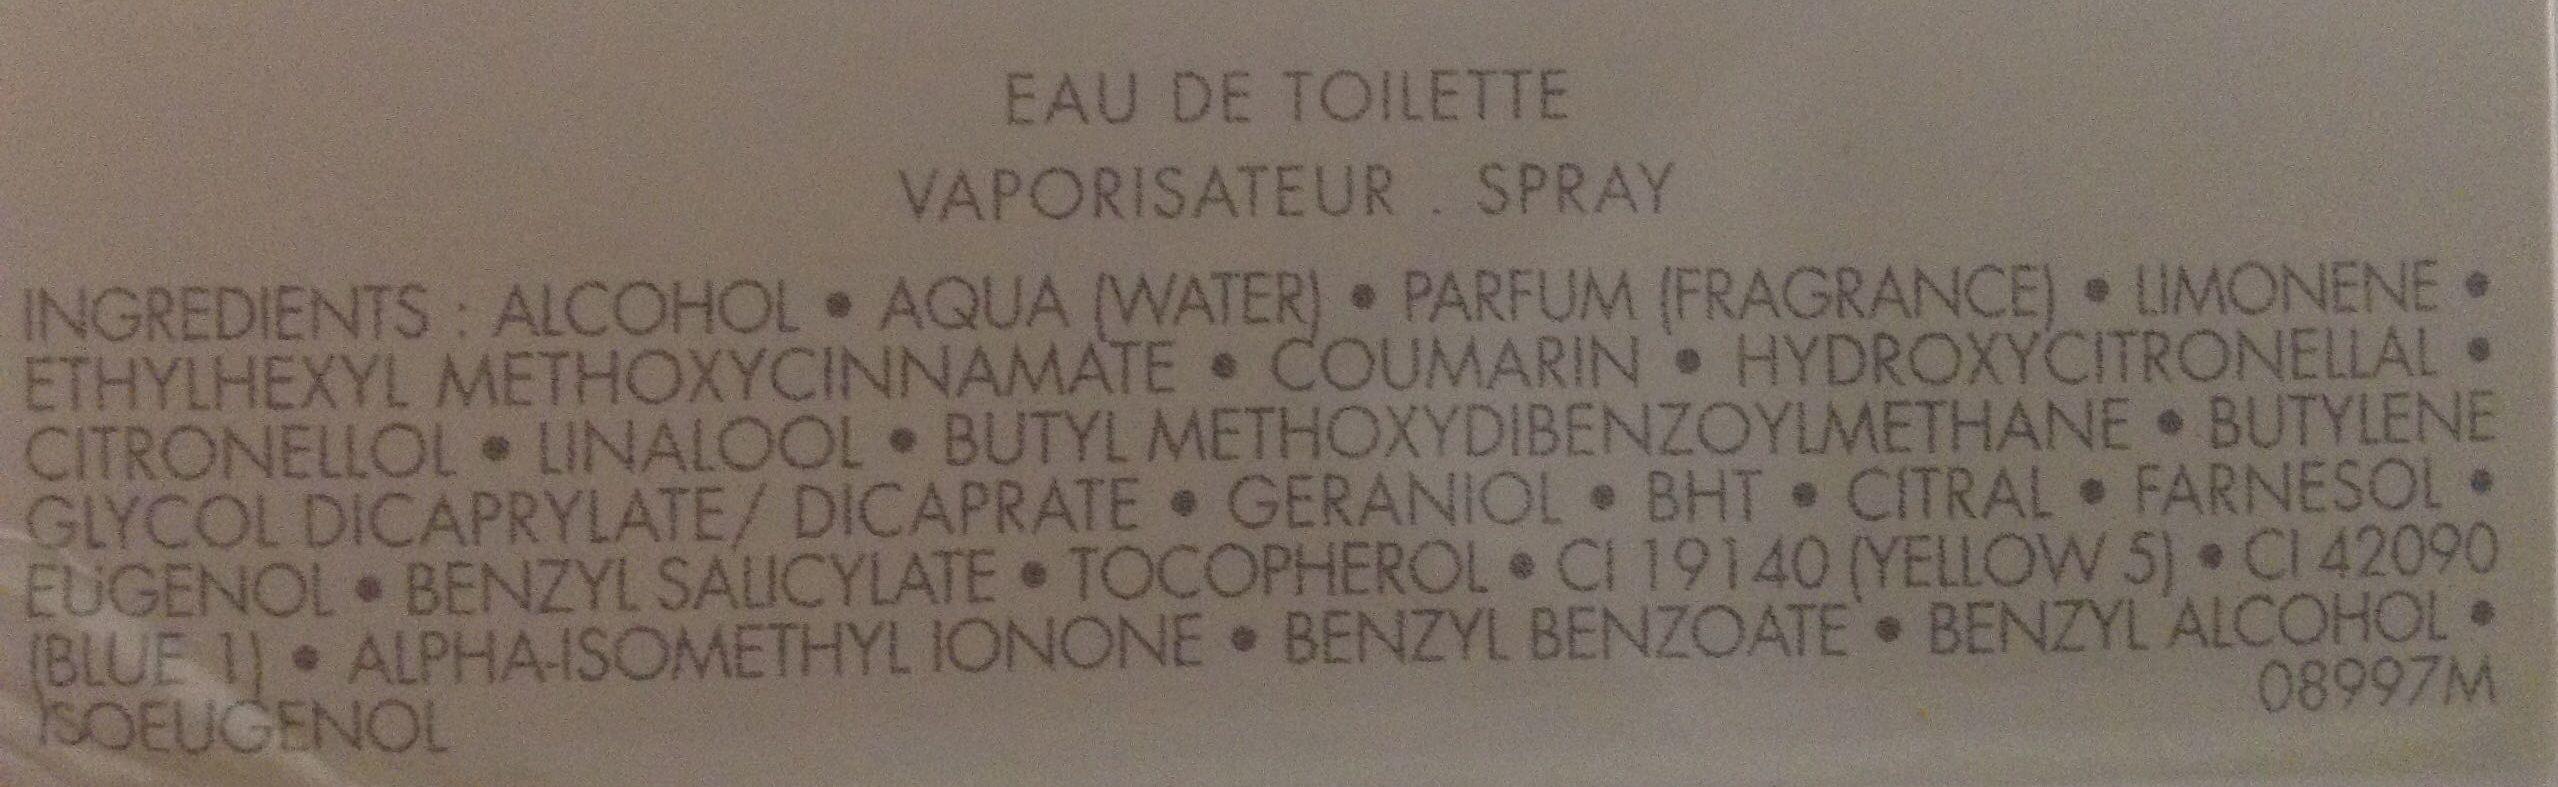 La petite robe noire eau fraîche - Ingredients - fr